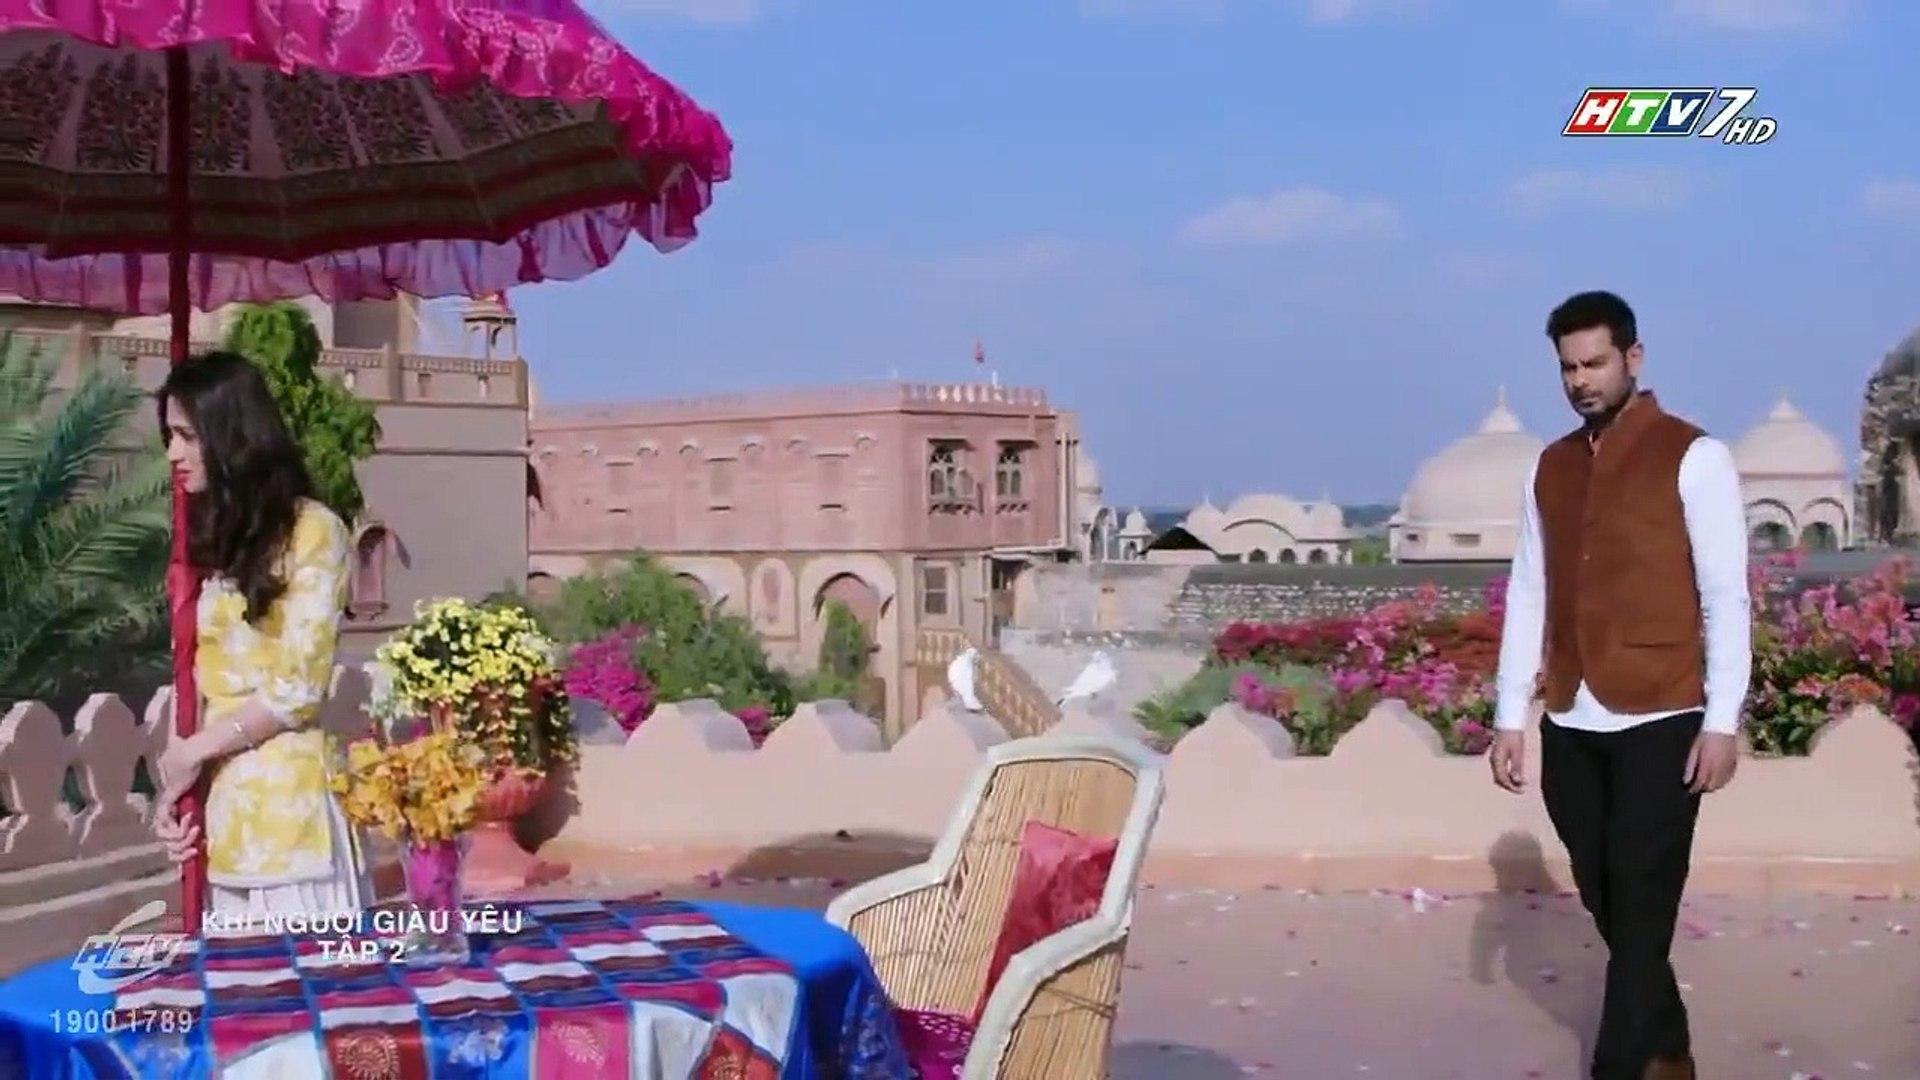 Khi Người Giàu Yêu Tập 2 - HTV7 Lồng Tiếng - Phim Ấn Độ - Phim Khi Nguoi Giau Yeu Tap 2 - Phim Khi N